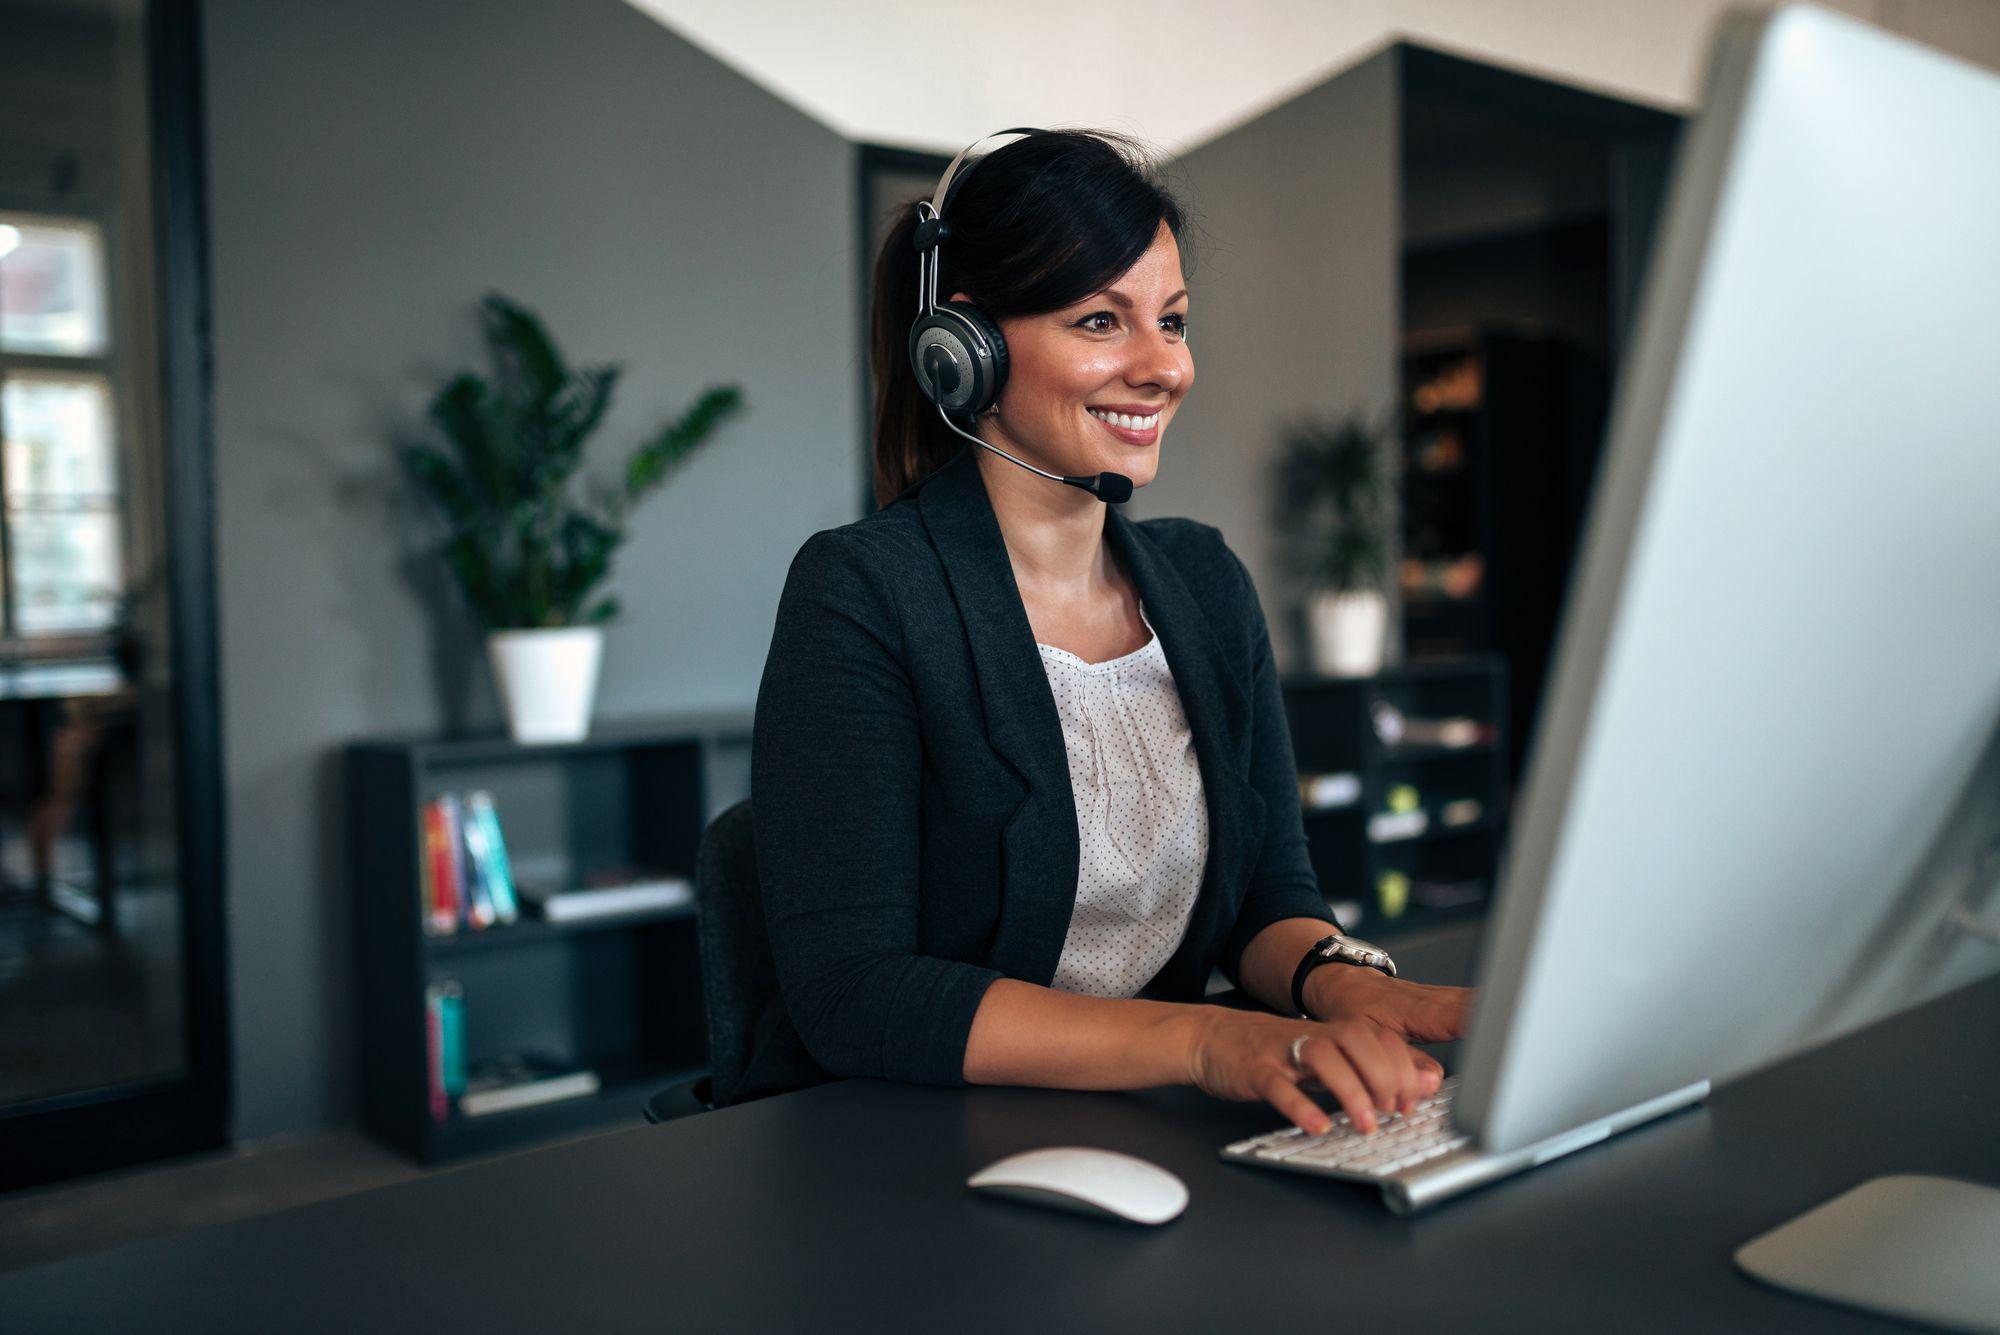 Serviço de atendimento ao cliente: como fazer SAC na minha empresa?